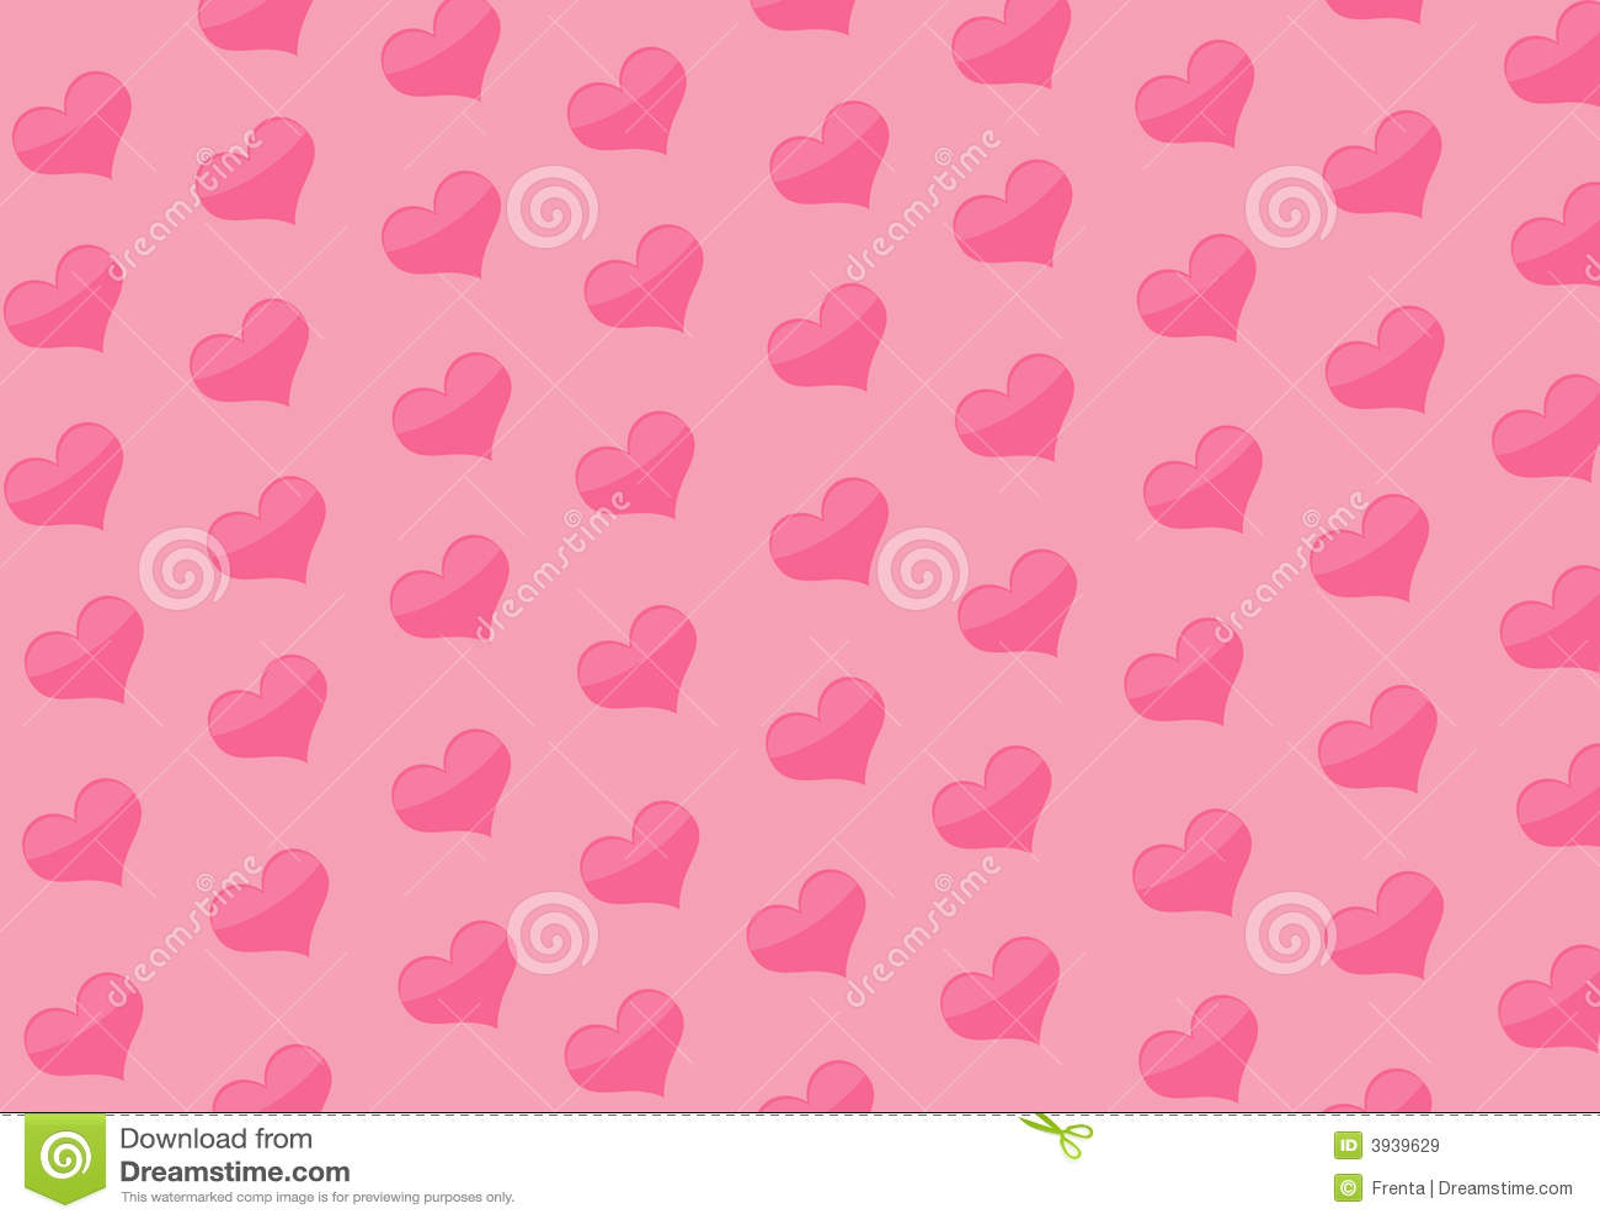 fond avec des coeurs de couleur rose illustration stock illustration du f licitation carte. Black Bedroom Furniture Sets. Home Design Ideas